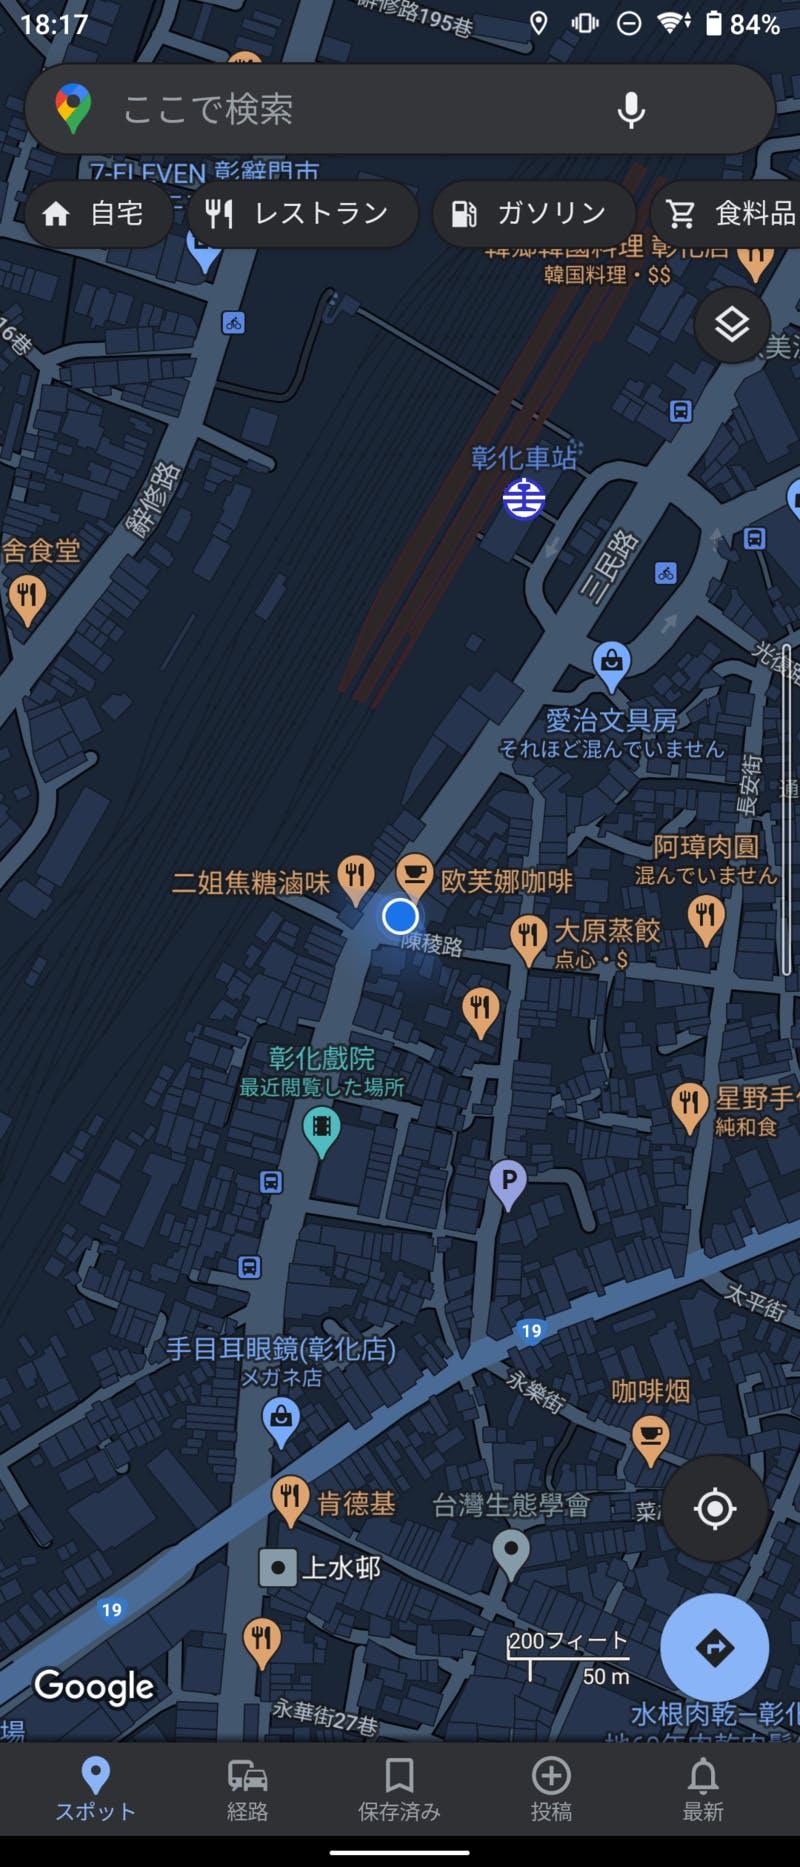 Google マップがダークモードで表示されるようになった